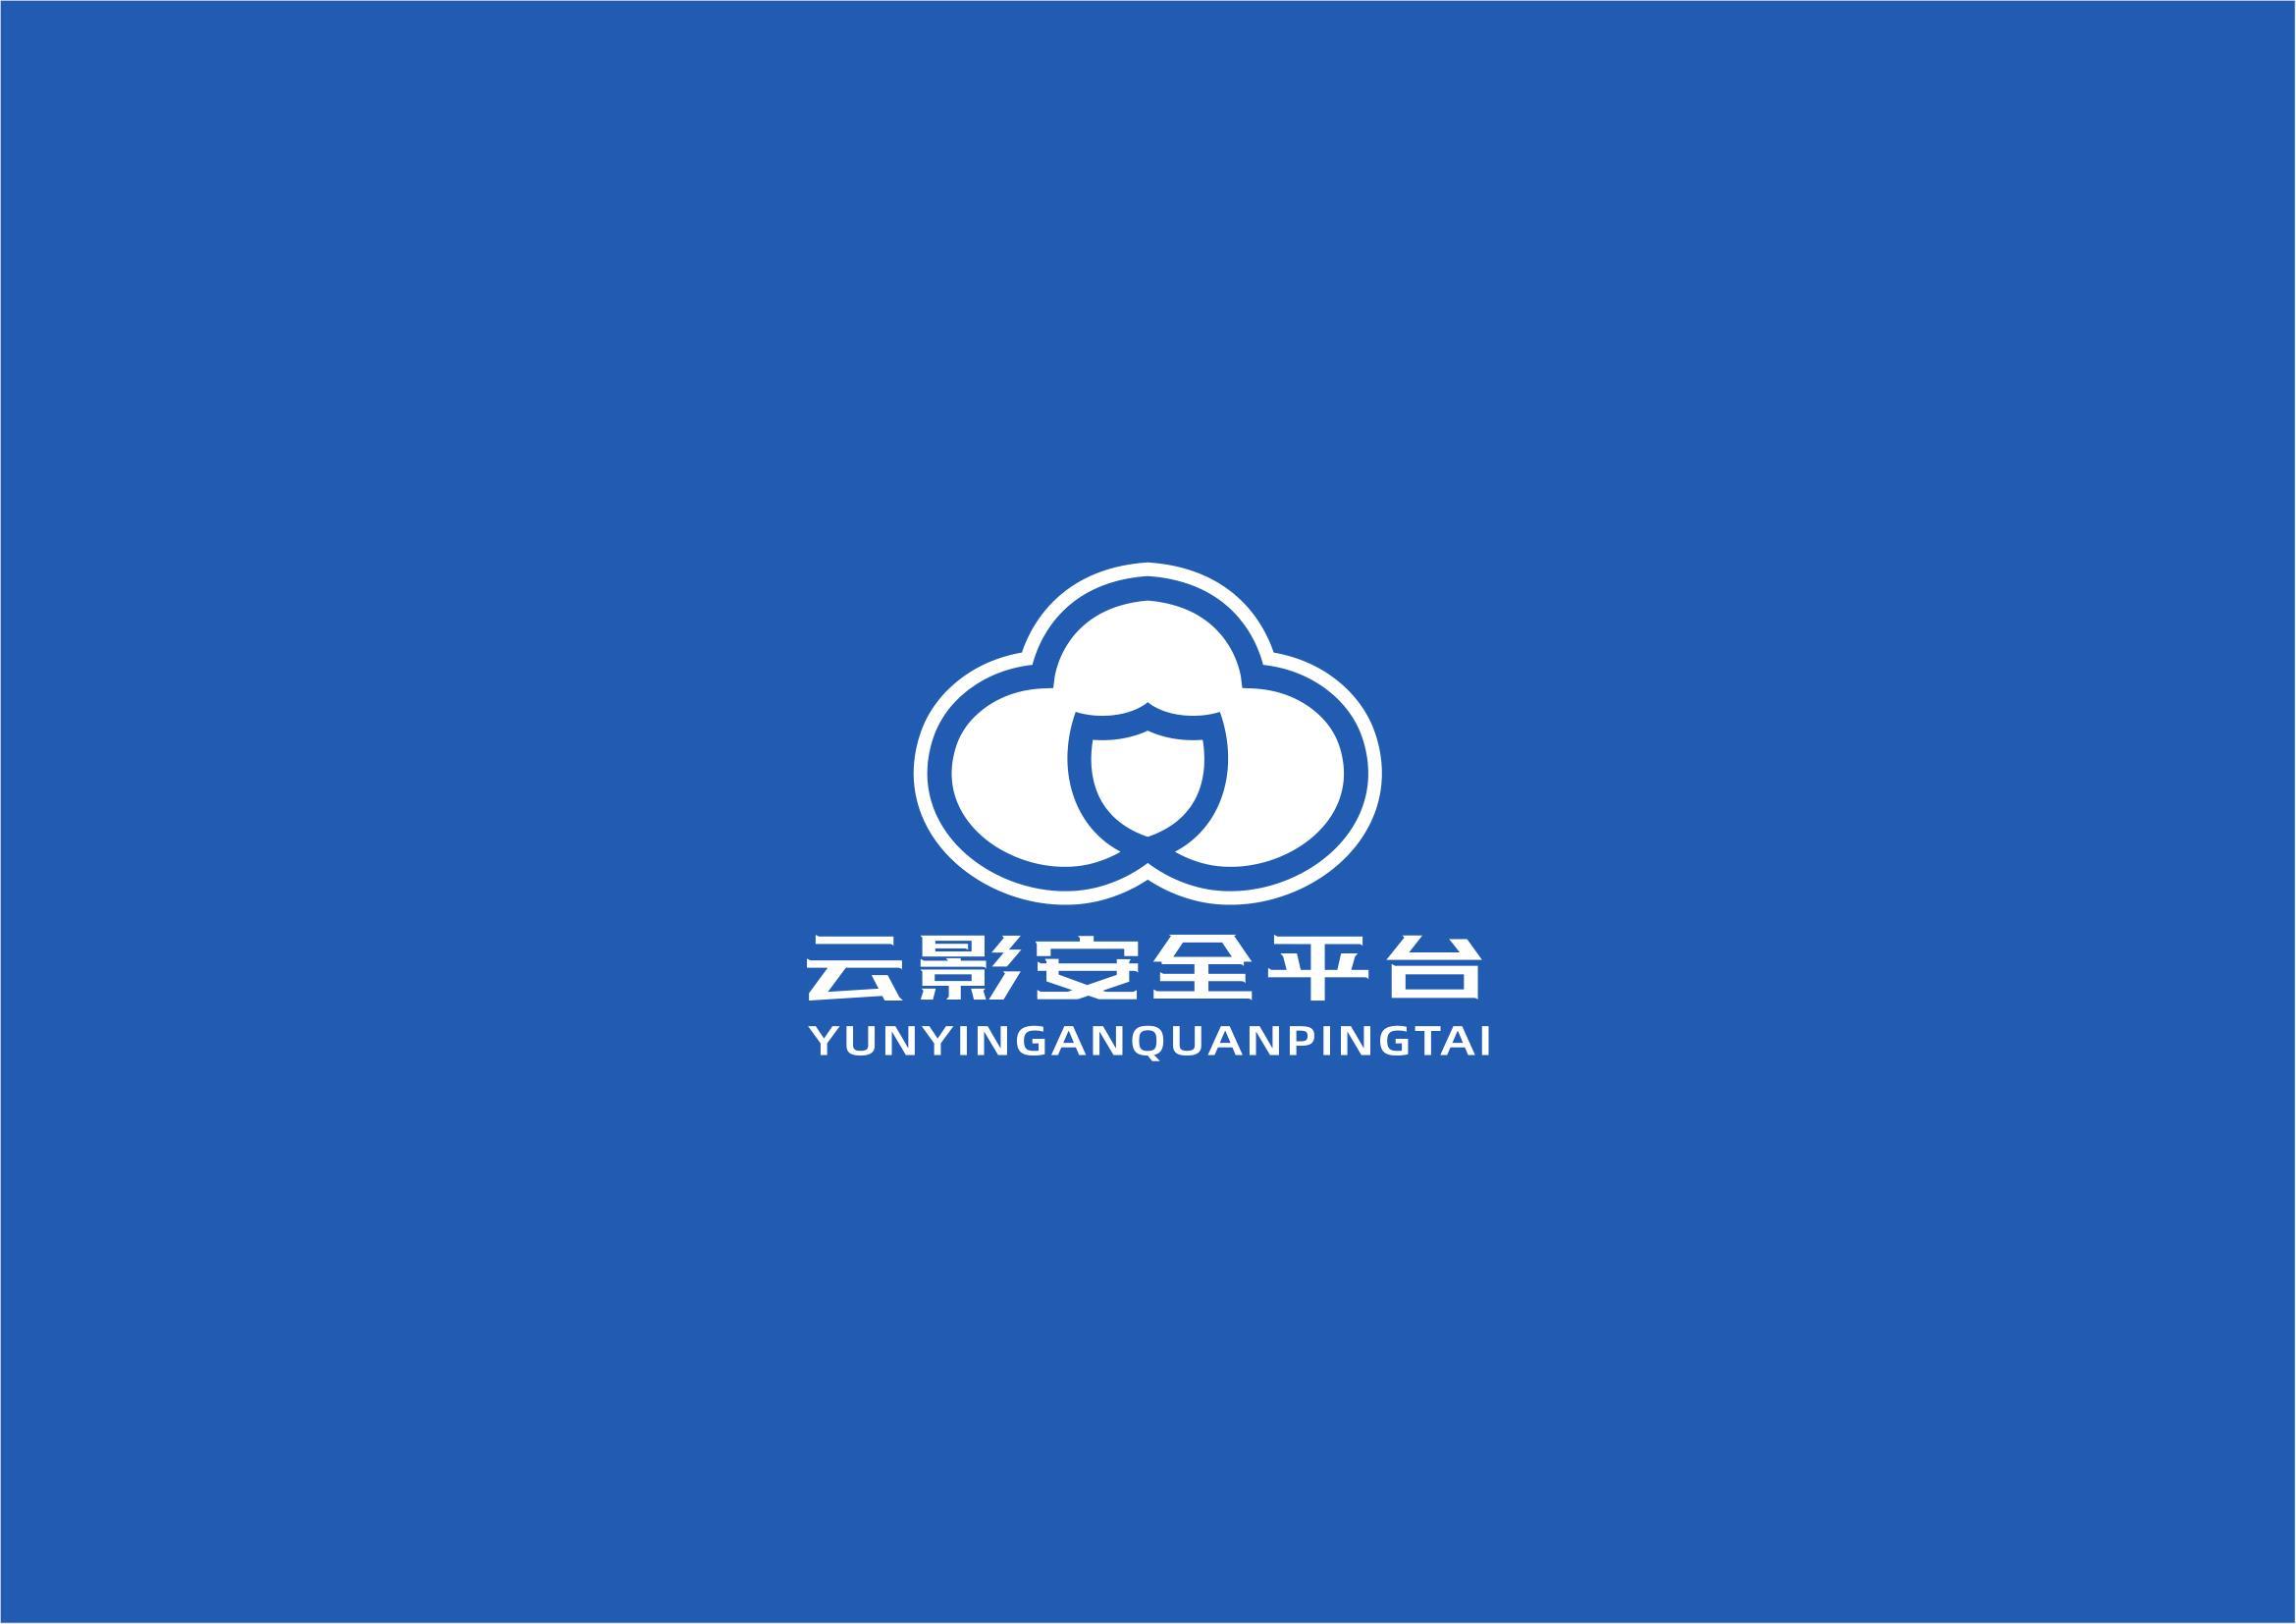 北京云图精英科技有限公司2